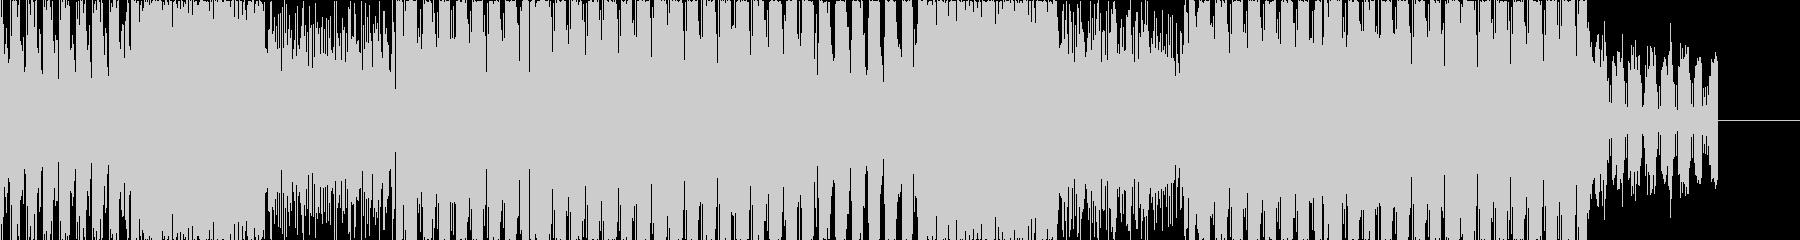 動画/CM/疾走感のあるお洒落エレクトロの未再生の波形